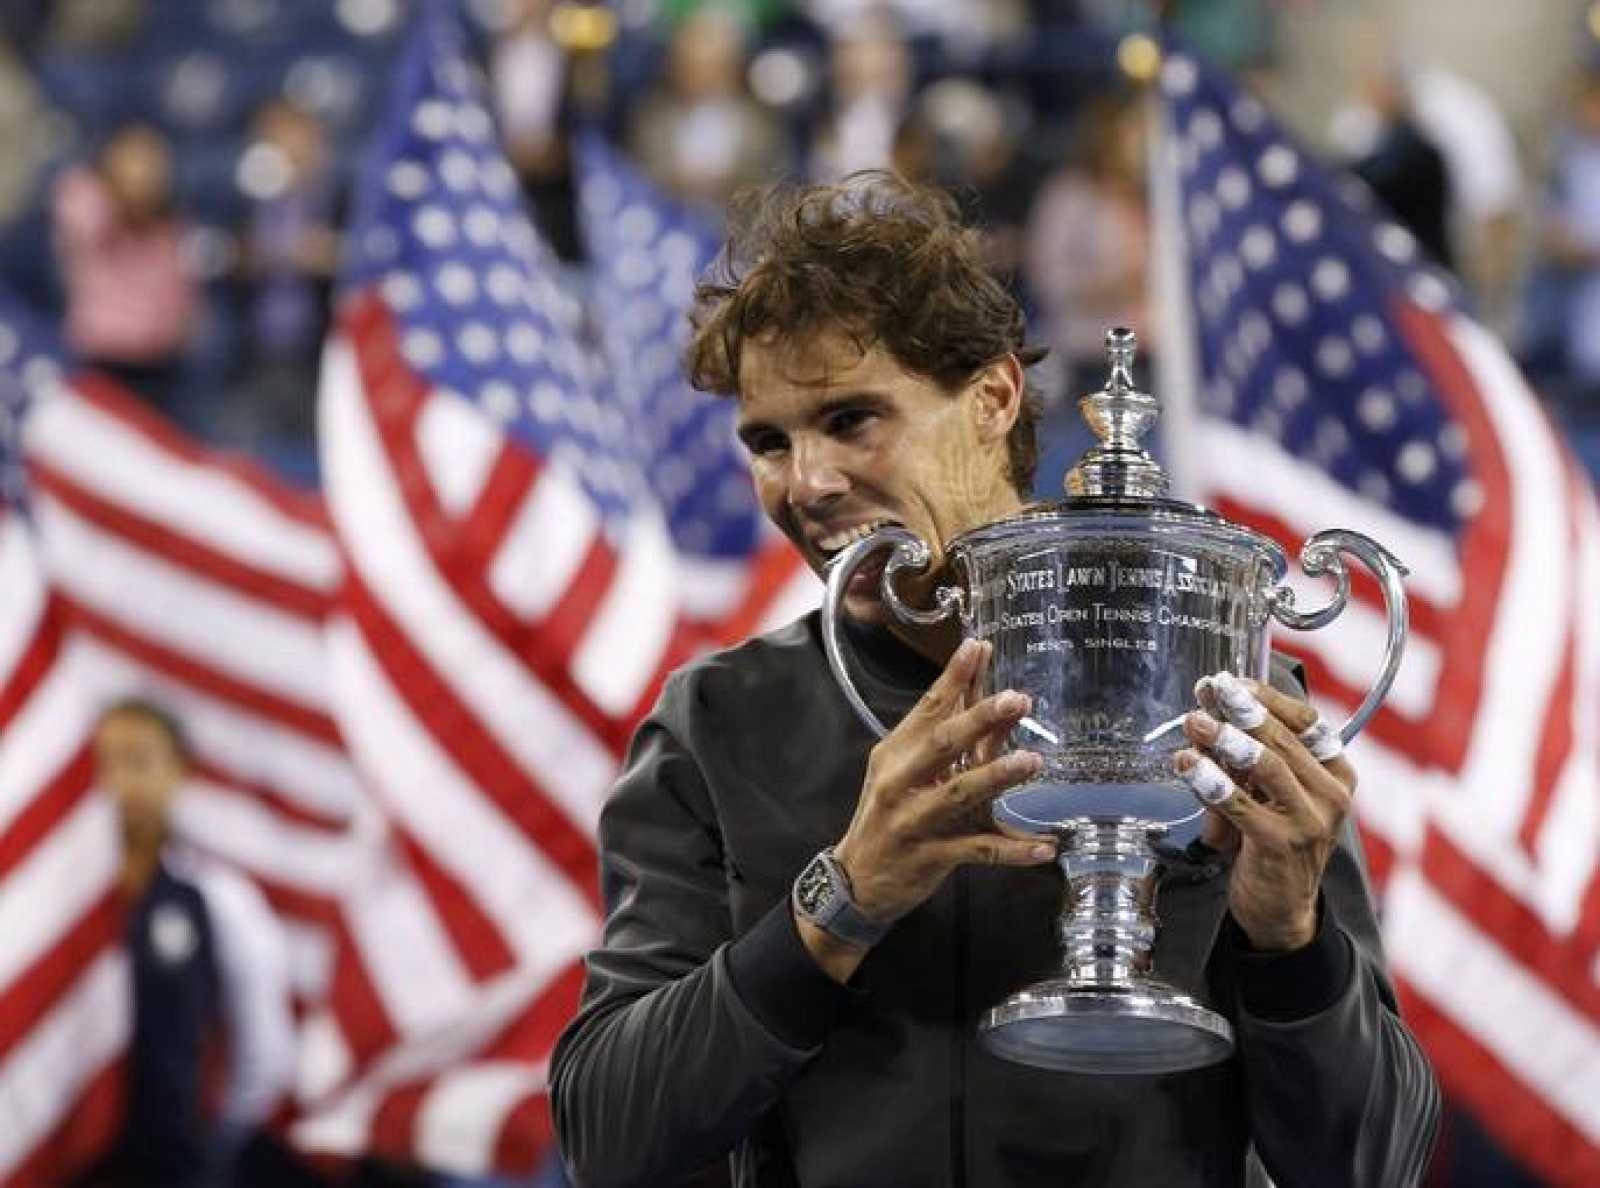 Rafael Nadal celebra su título en el US Open 2013 con su tradicional gesto de morder el trofeo